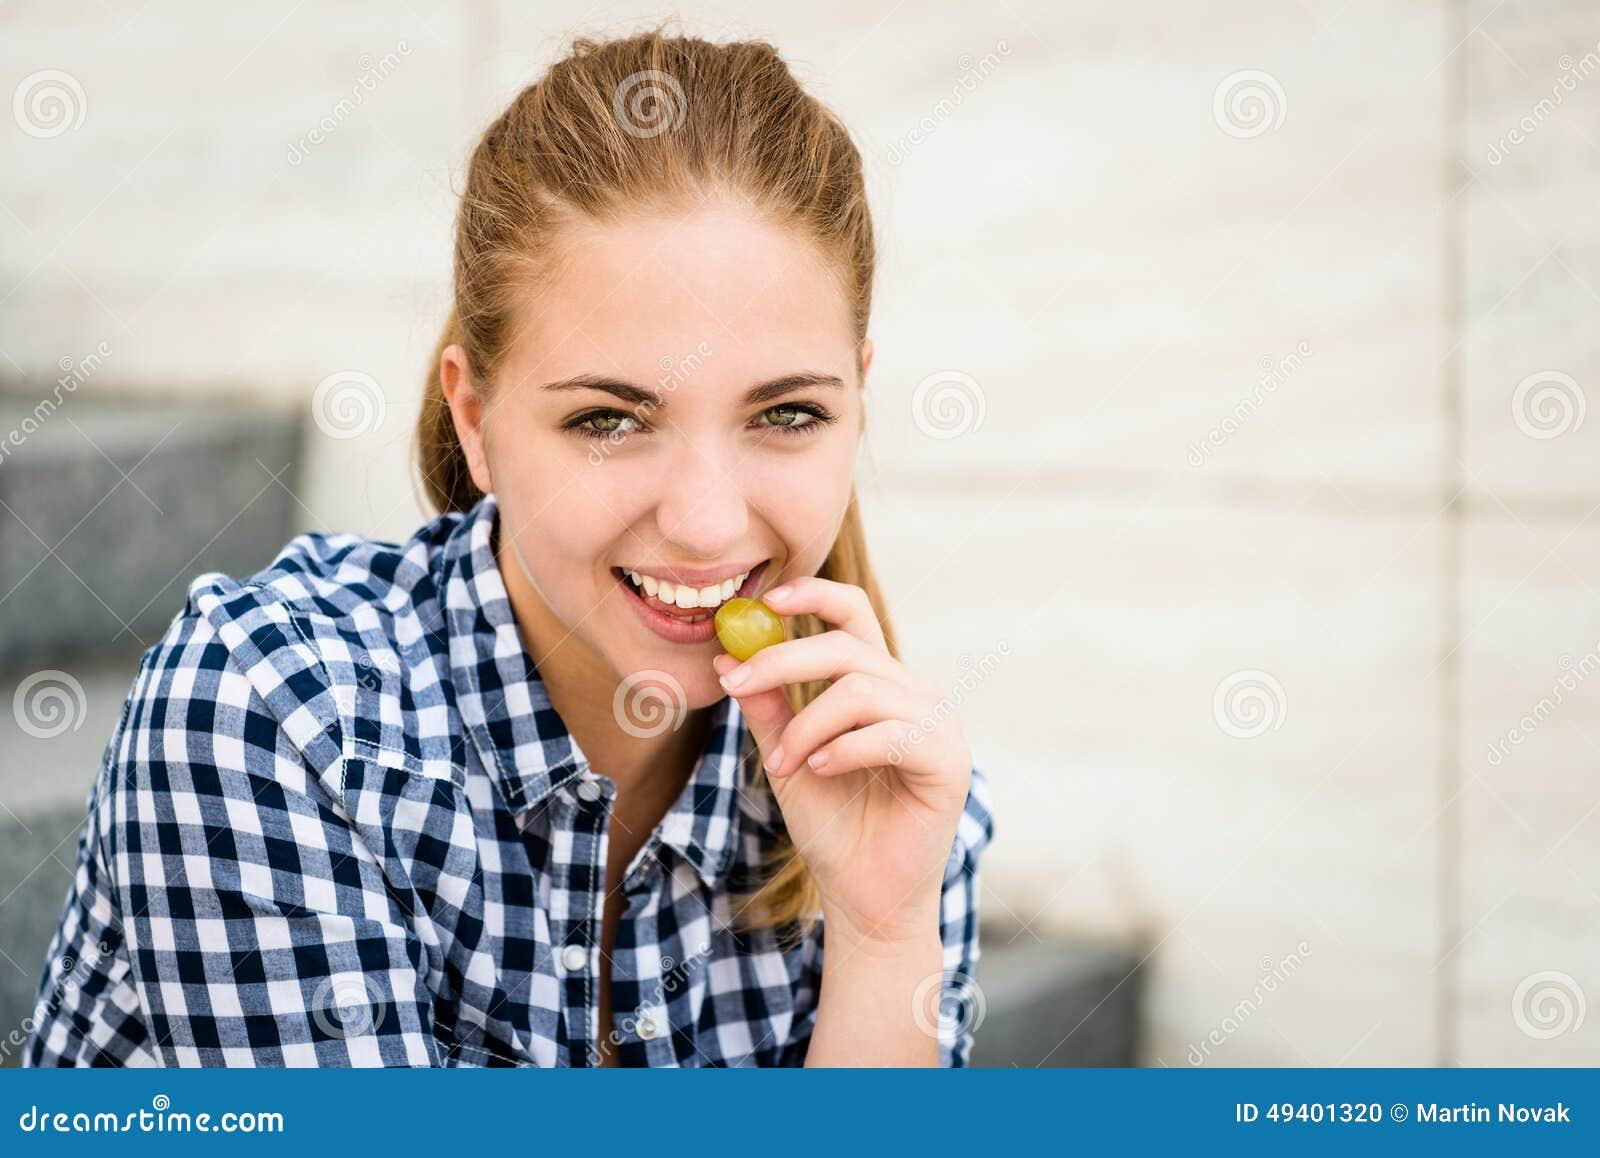 Download Junge Frau, Die Trauben Isst Lokalisiert Auf Weiß Stockfoto - Bild von frucht, bissen: 49401320